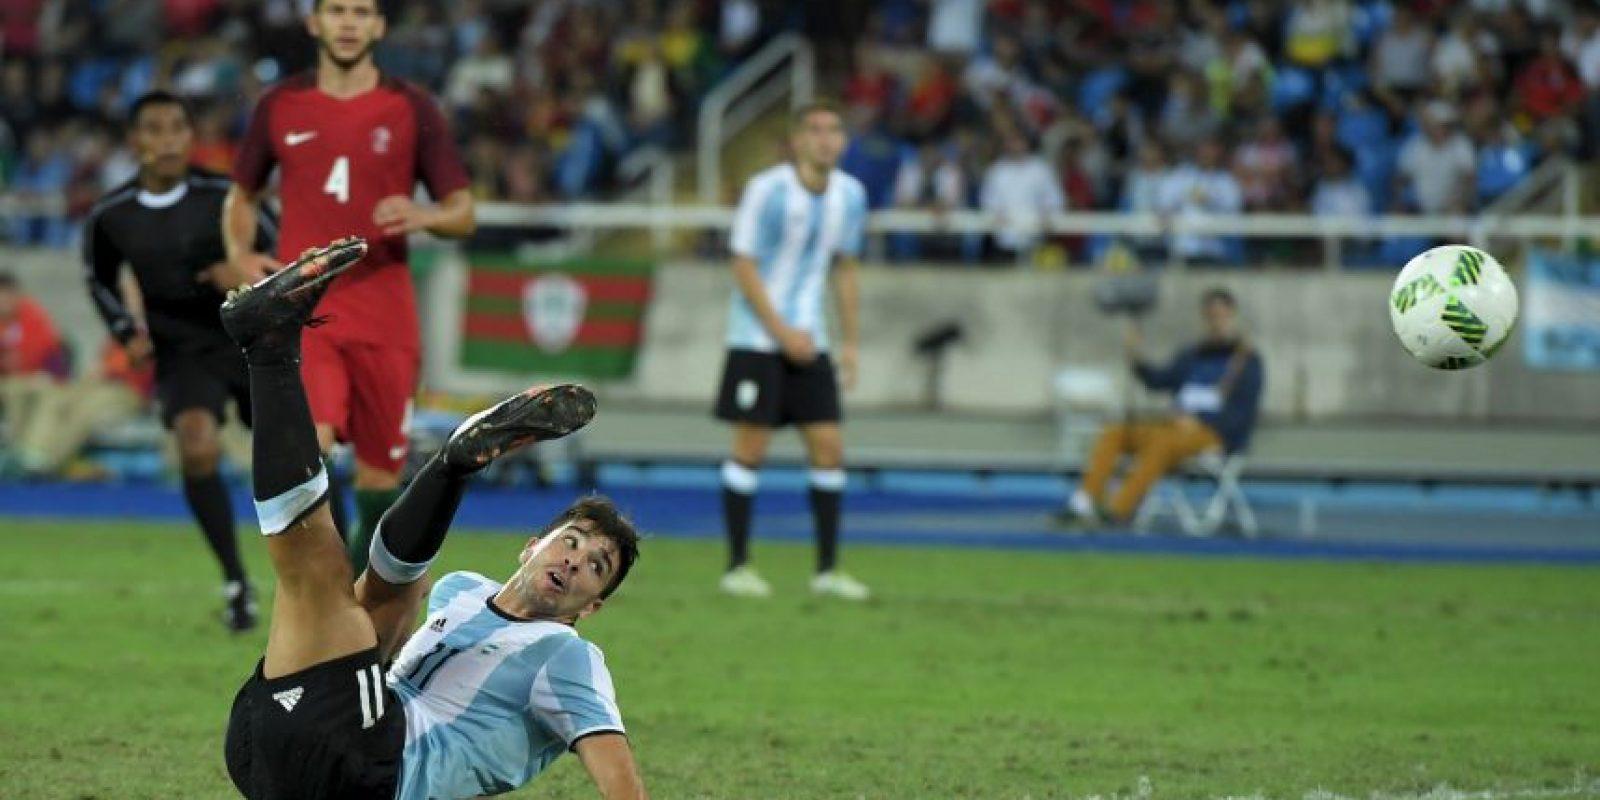 El joven hijo de Diego Simeone marcó un tanto por el primer equipo de Genoa en el pasado fin de semana.